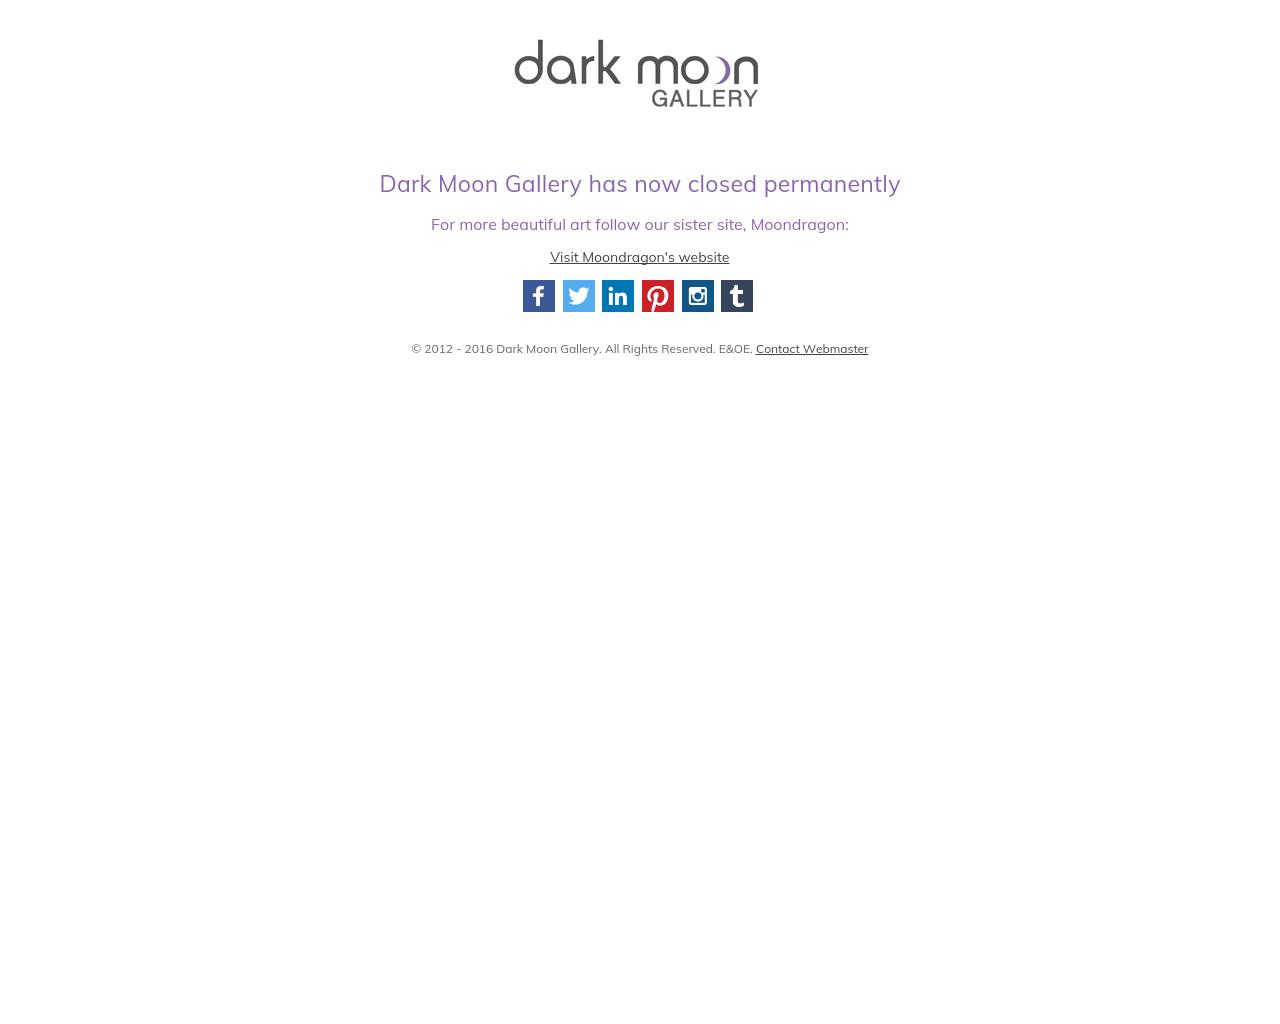 Dark-Moon-Gallery-Advertising-Reviews-Pricing